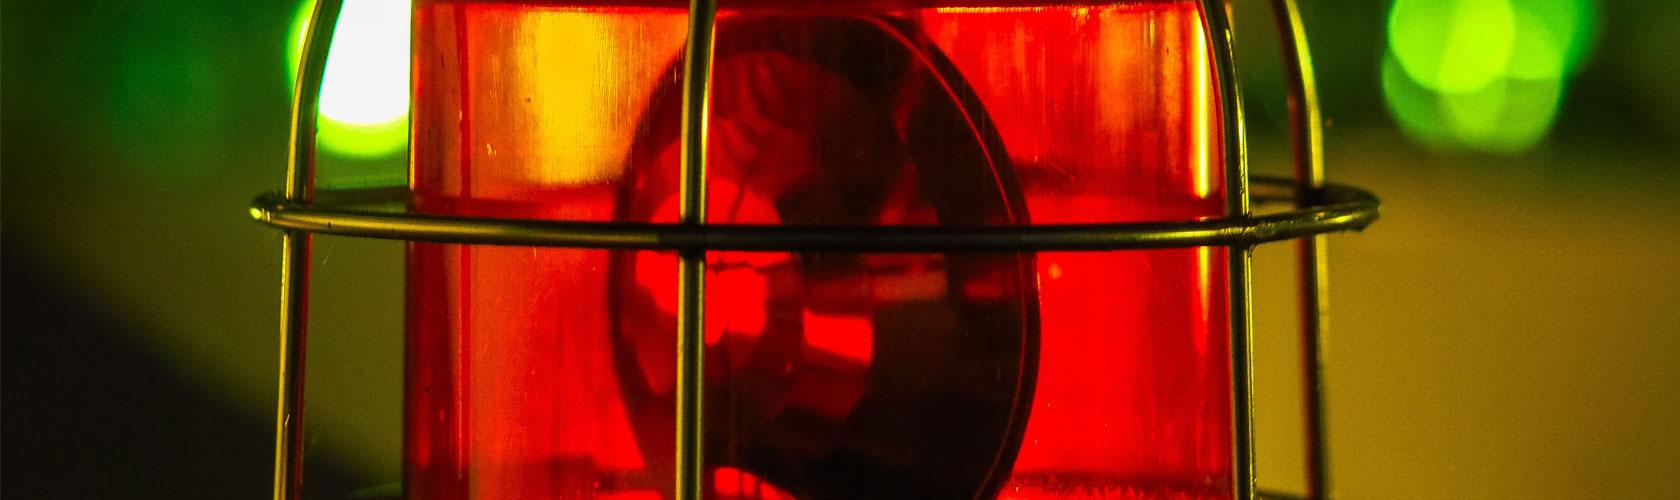 Alarmtechnik Symbolbild der Security Hannover